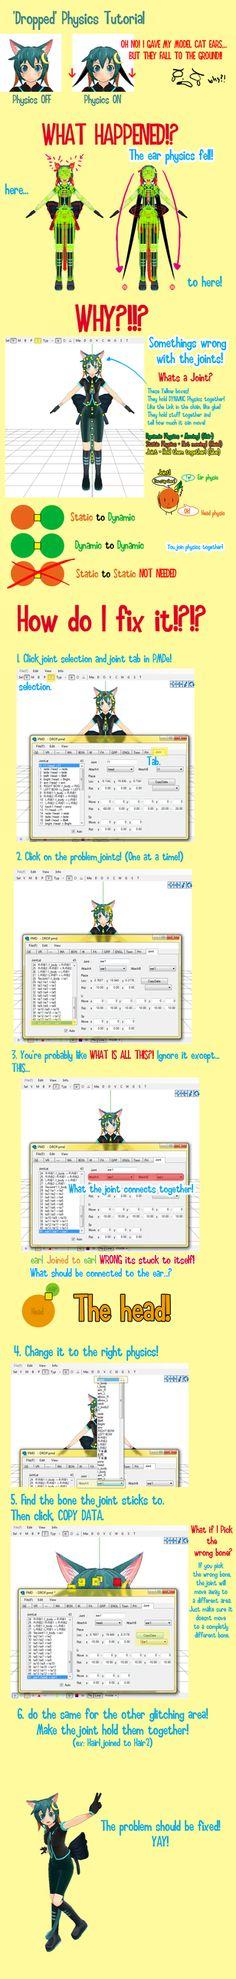 Pizzicato 3 6 Keygen Photoshop Cs3